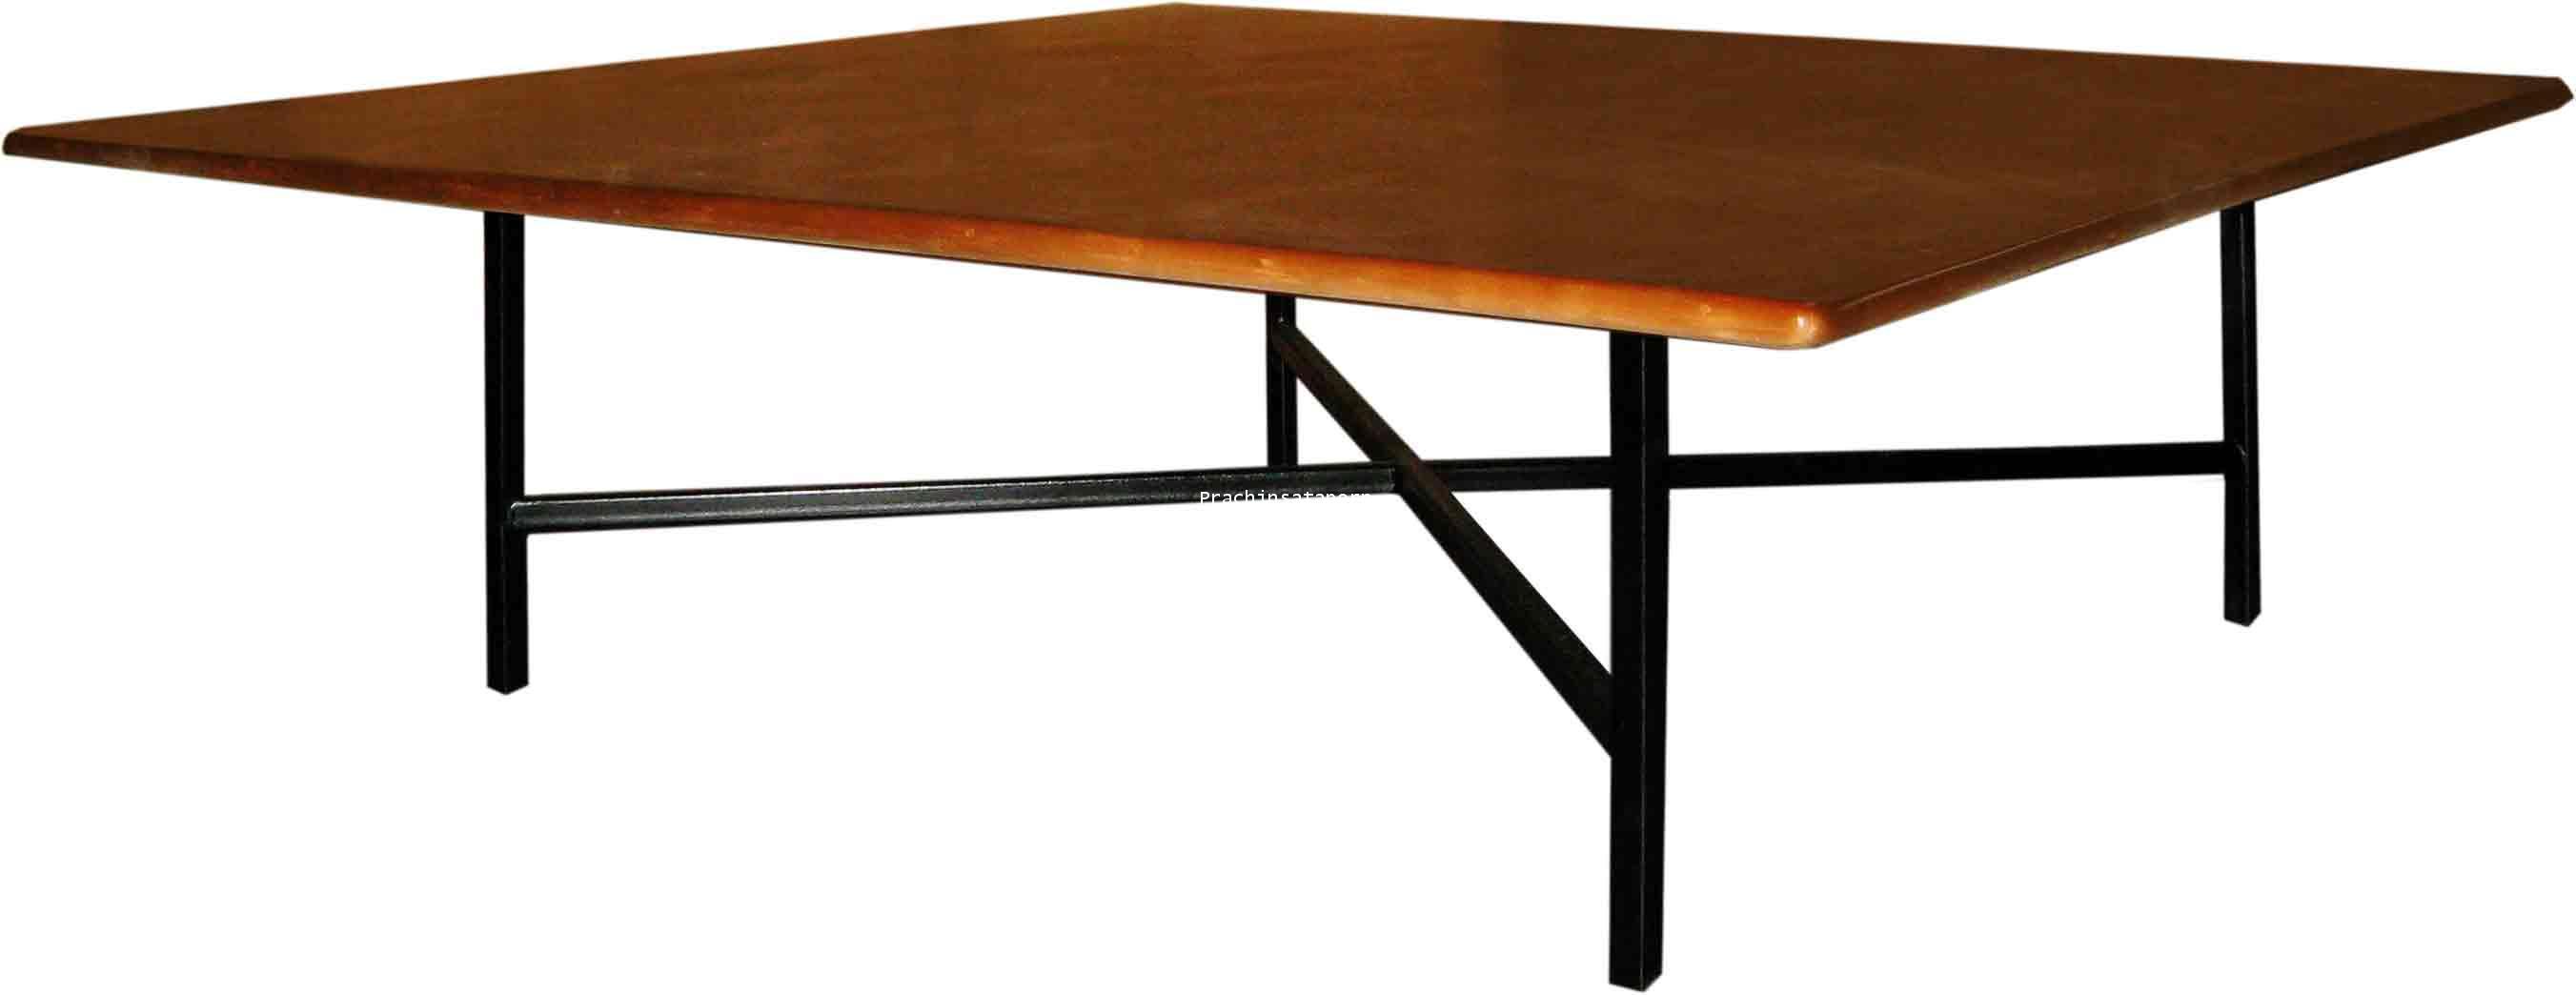 A151 โต๊ะสี่เหลี่ยมทำกิจกรรมแบบนั่งพื้น